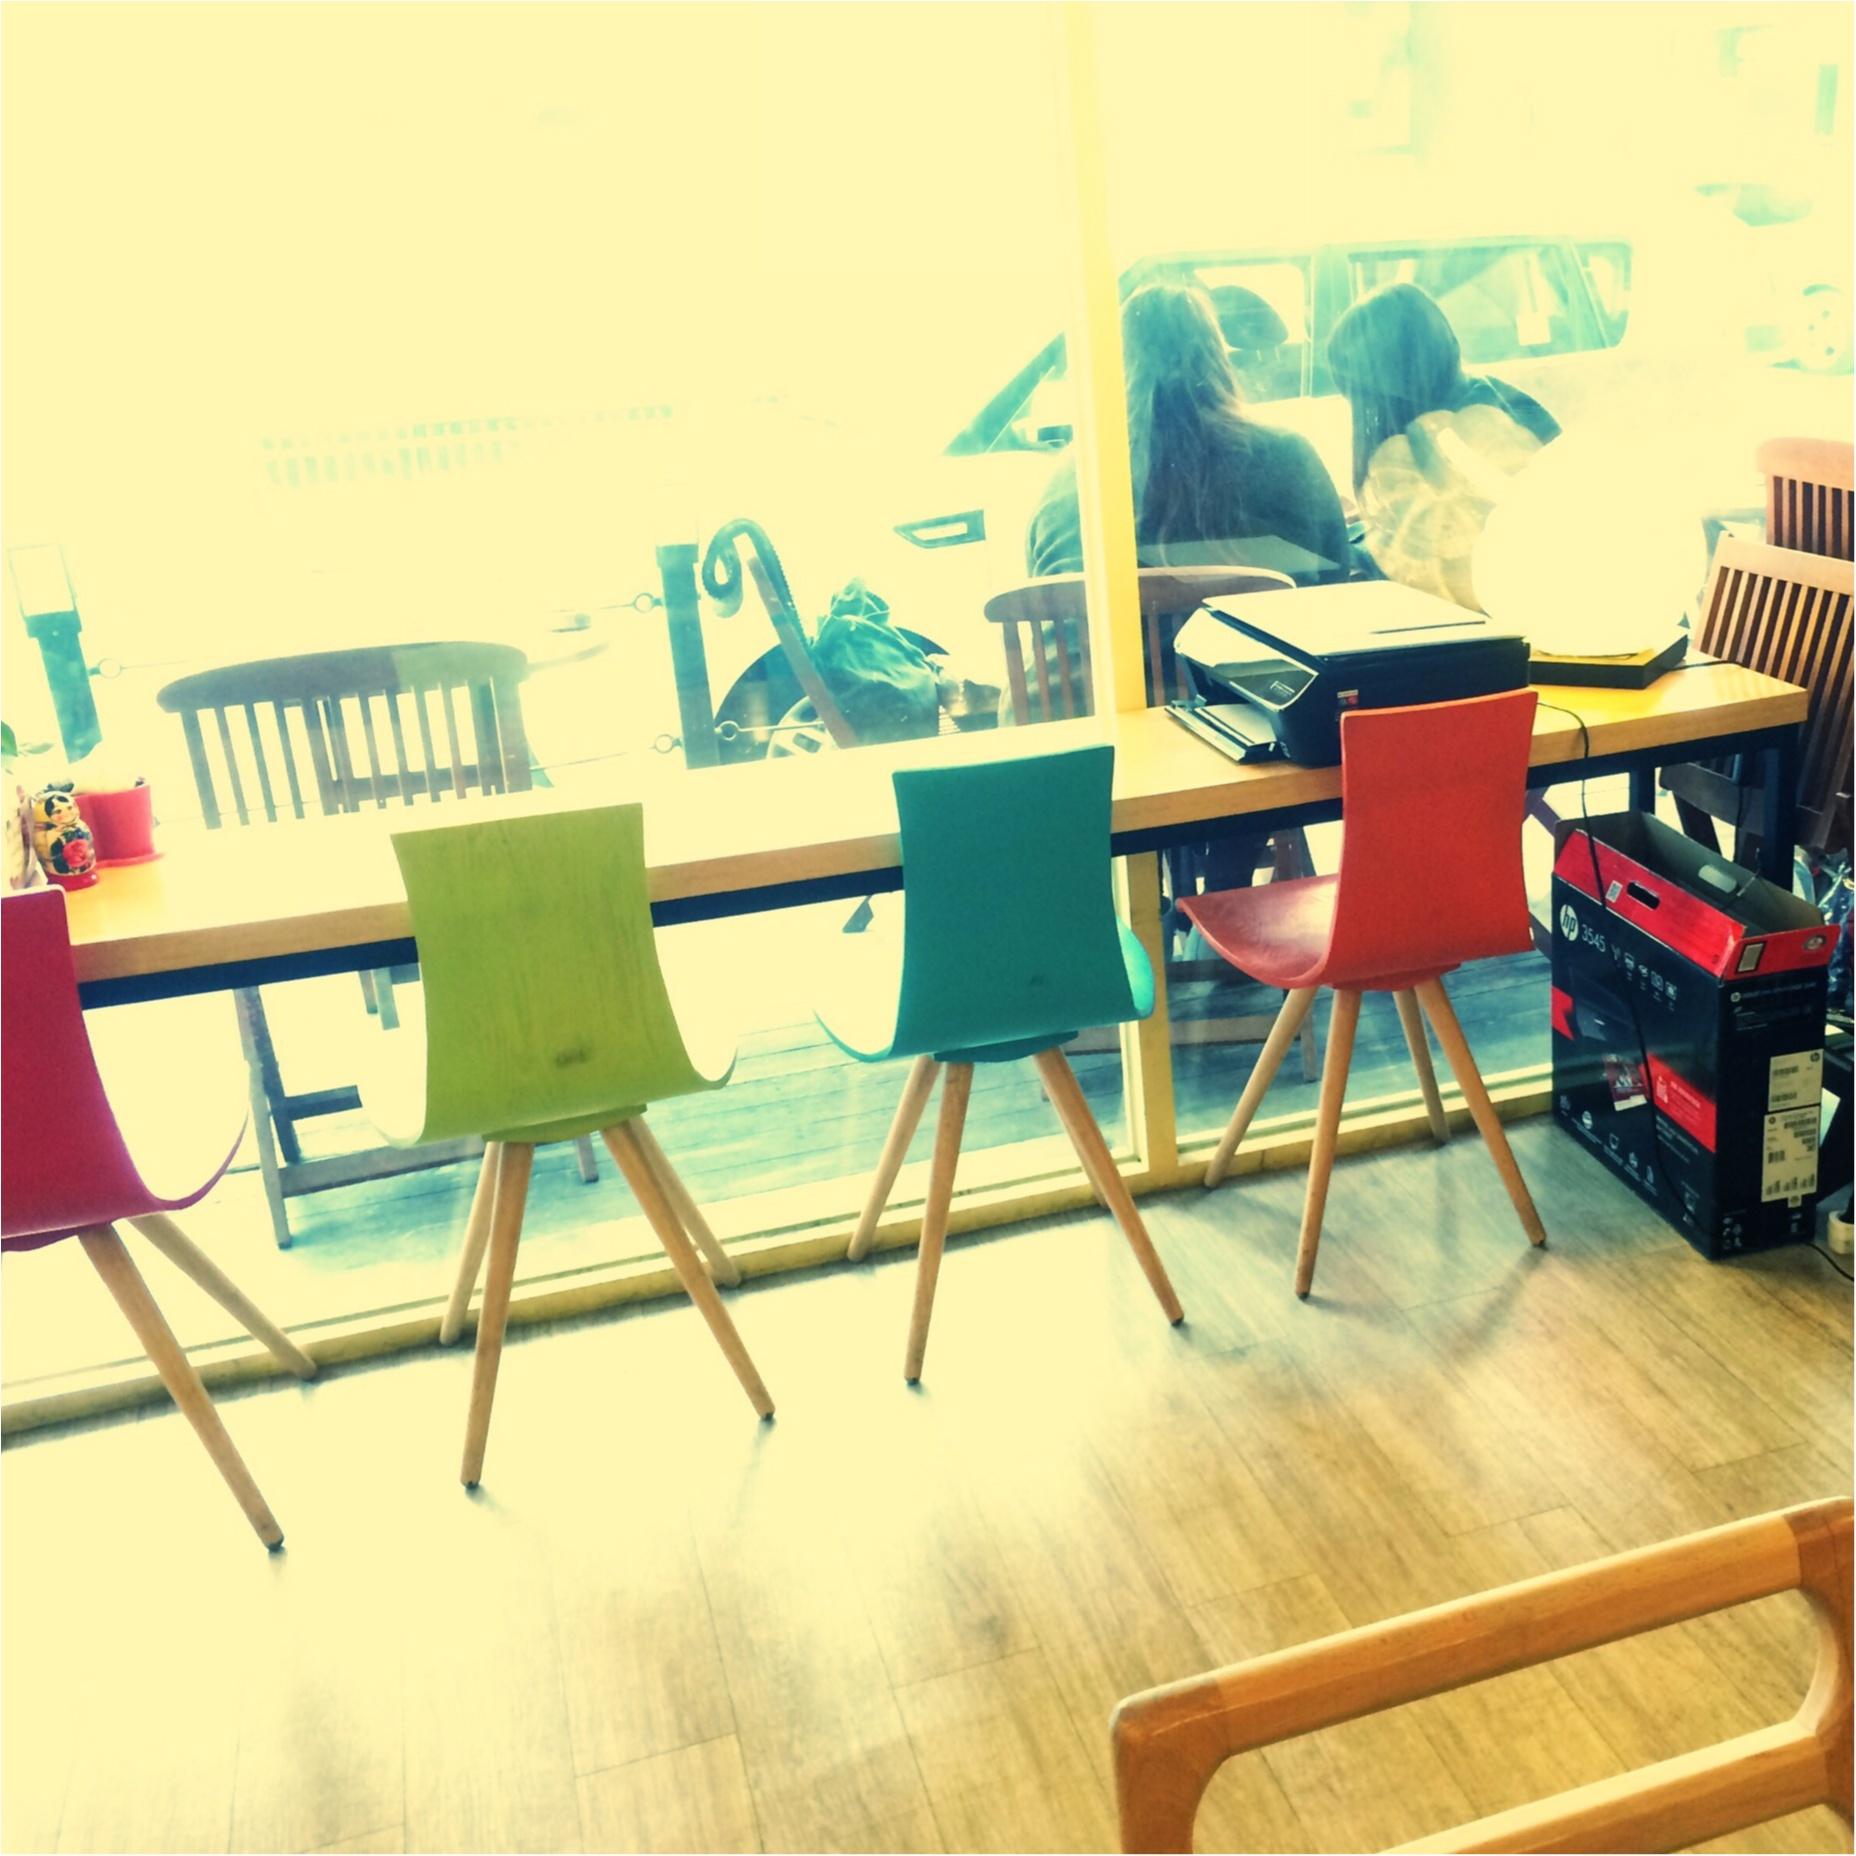 ★もはやカフェ大国?手軽にいける旅行先韓国より可愛さ満点、美味しさ抜群のカフェを紹介します!★_6